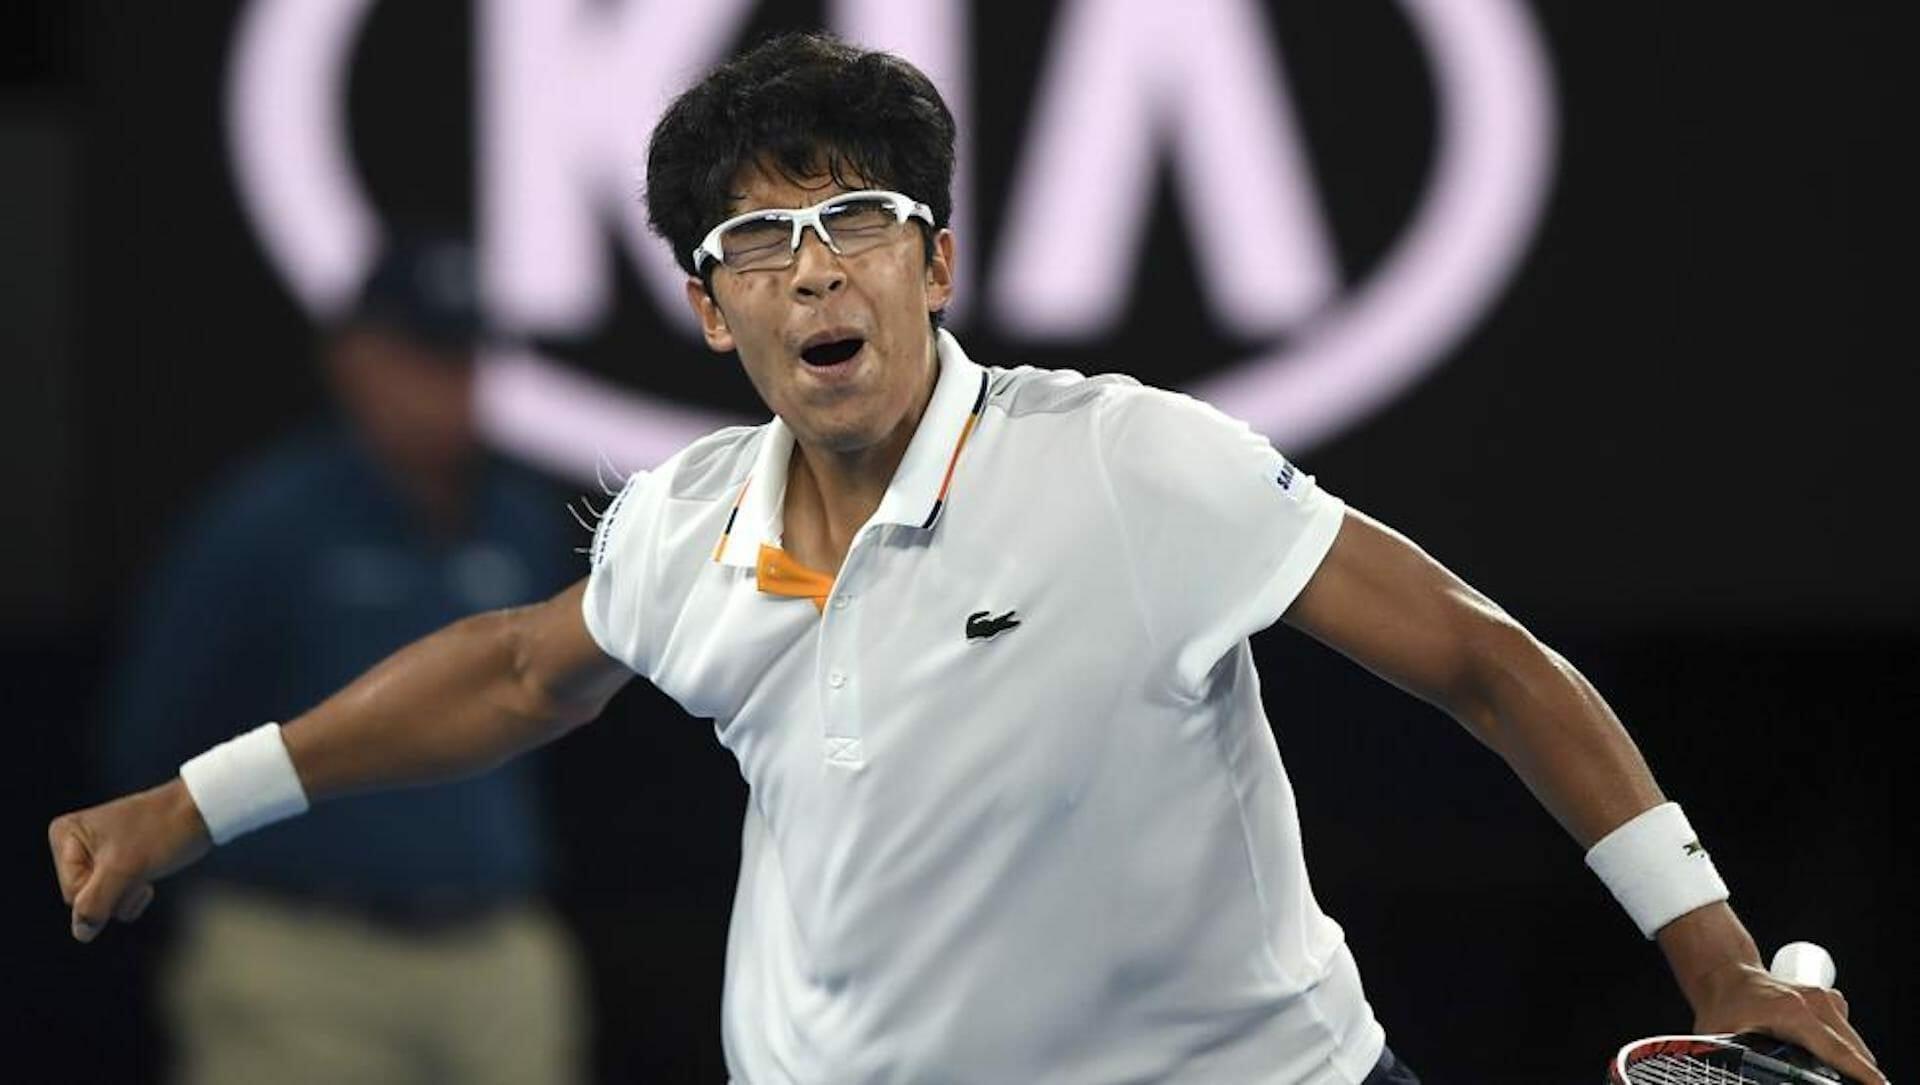 Peut-on porter des lunettes sur les courts de tennis?